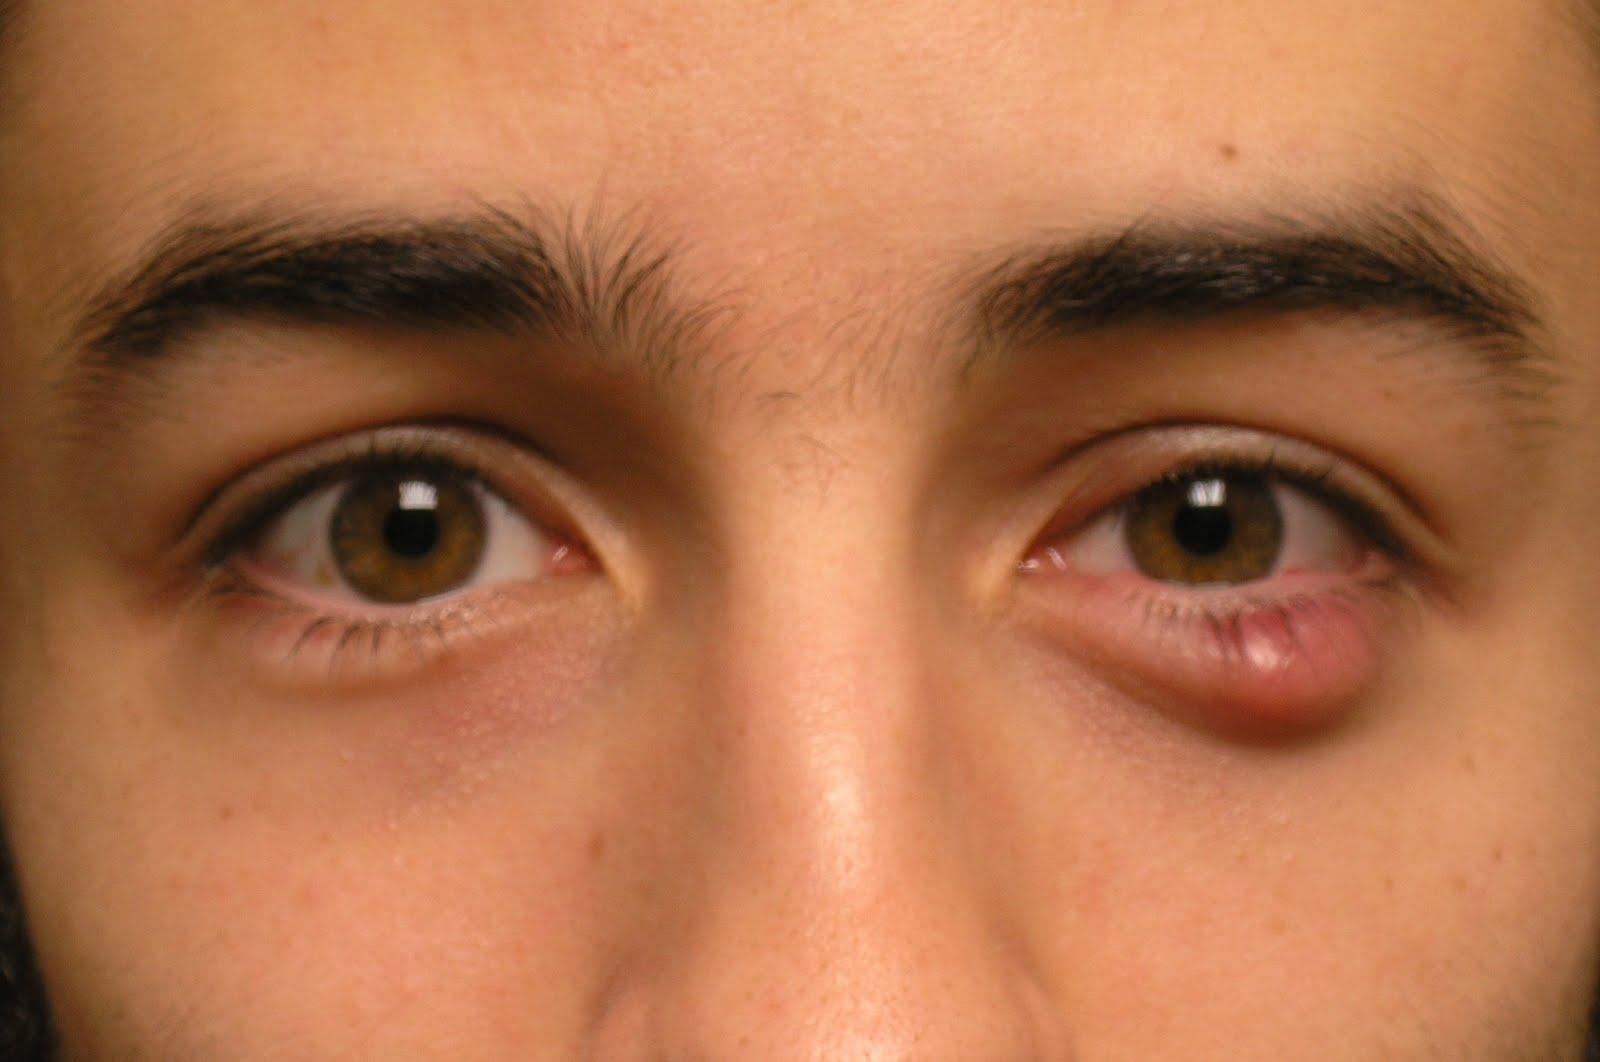 Покраснение глаз. Причины и как избежать